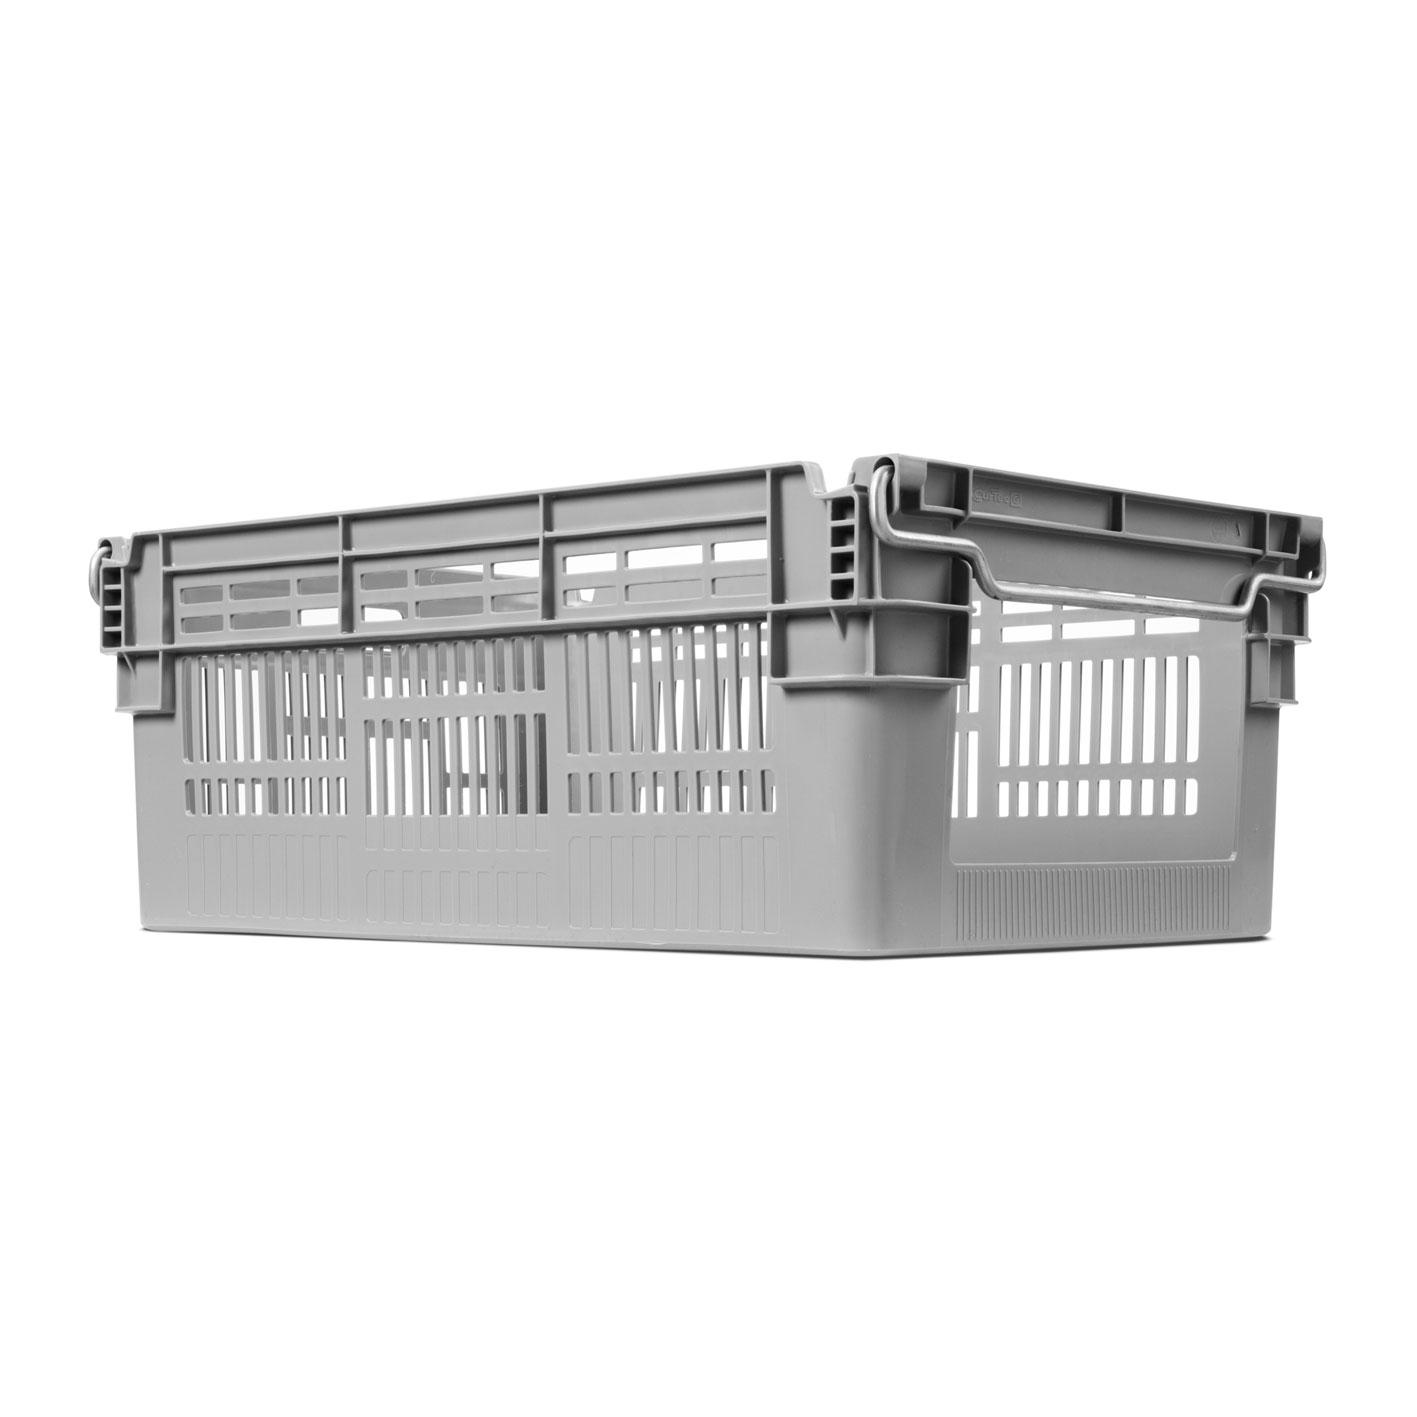 45 Liter Orderpick-Kiste